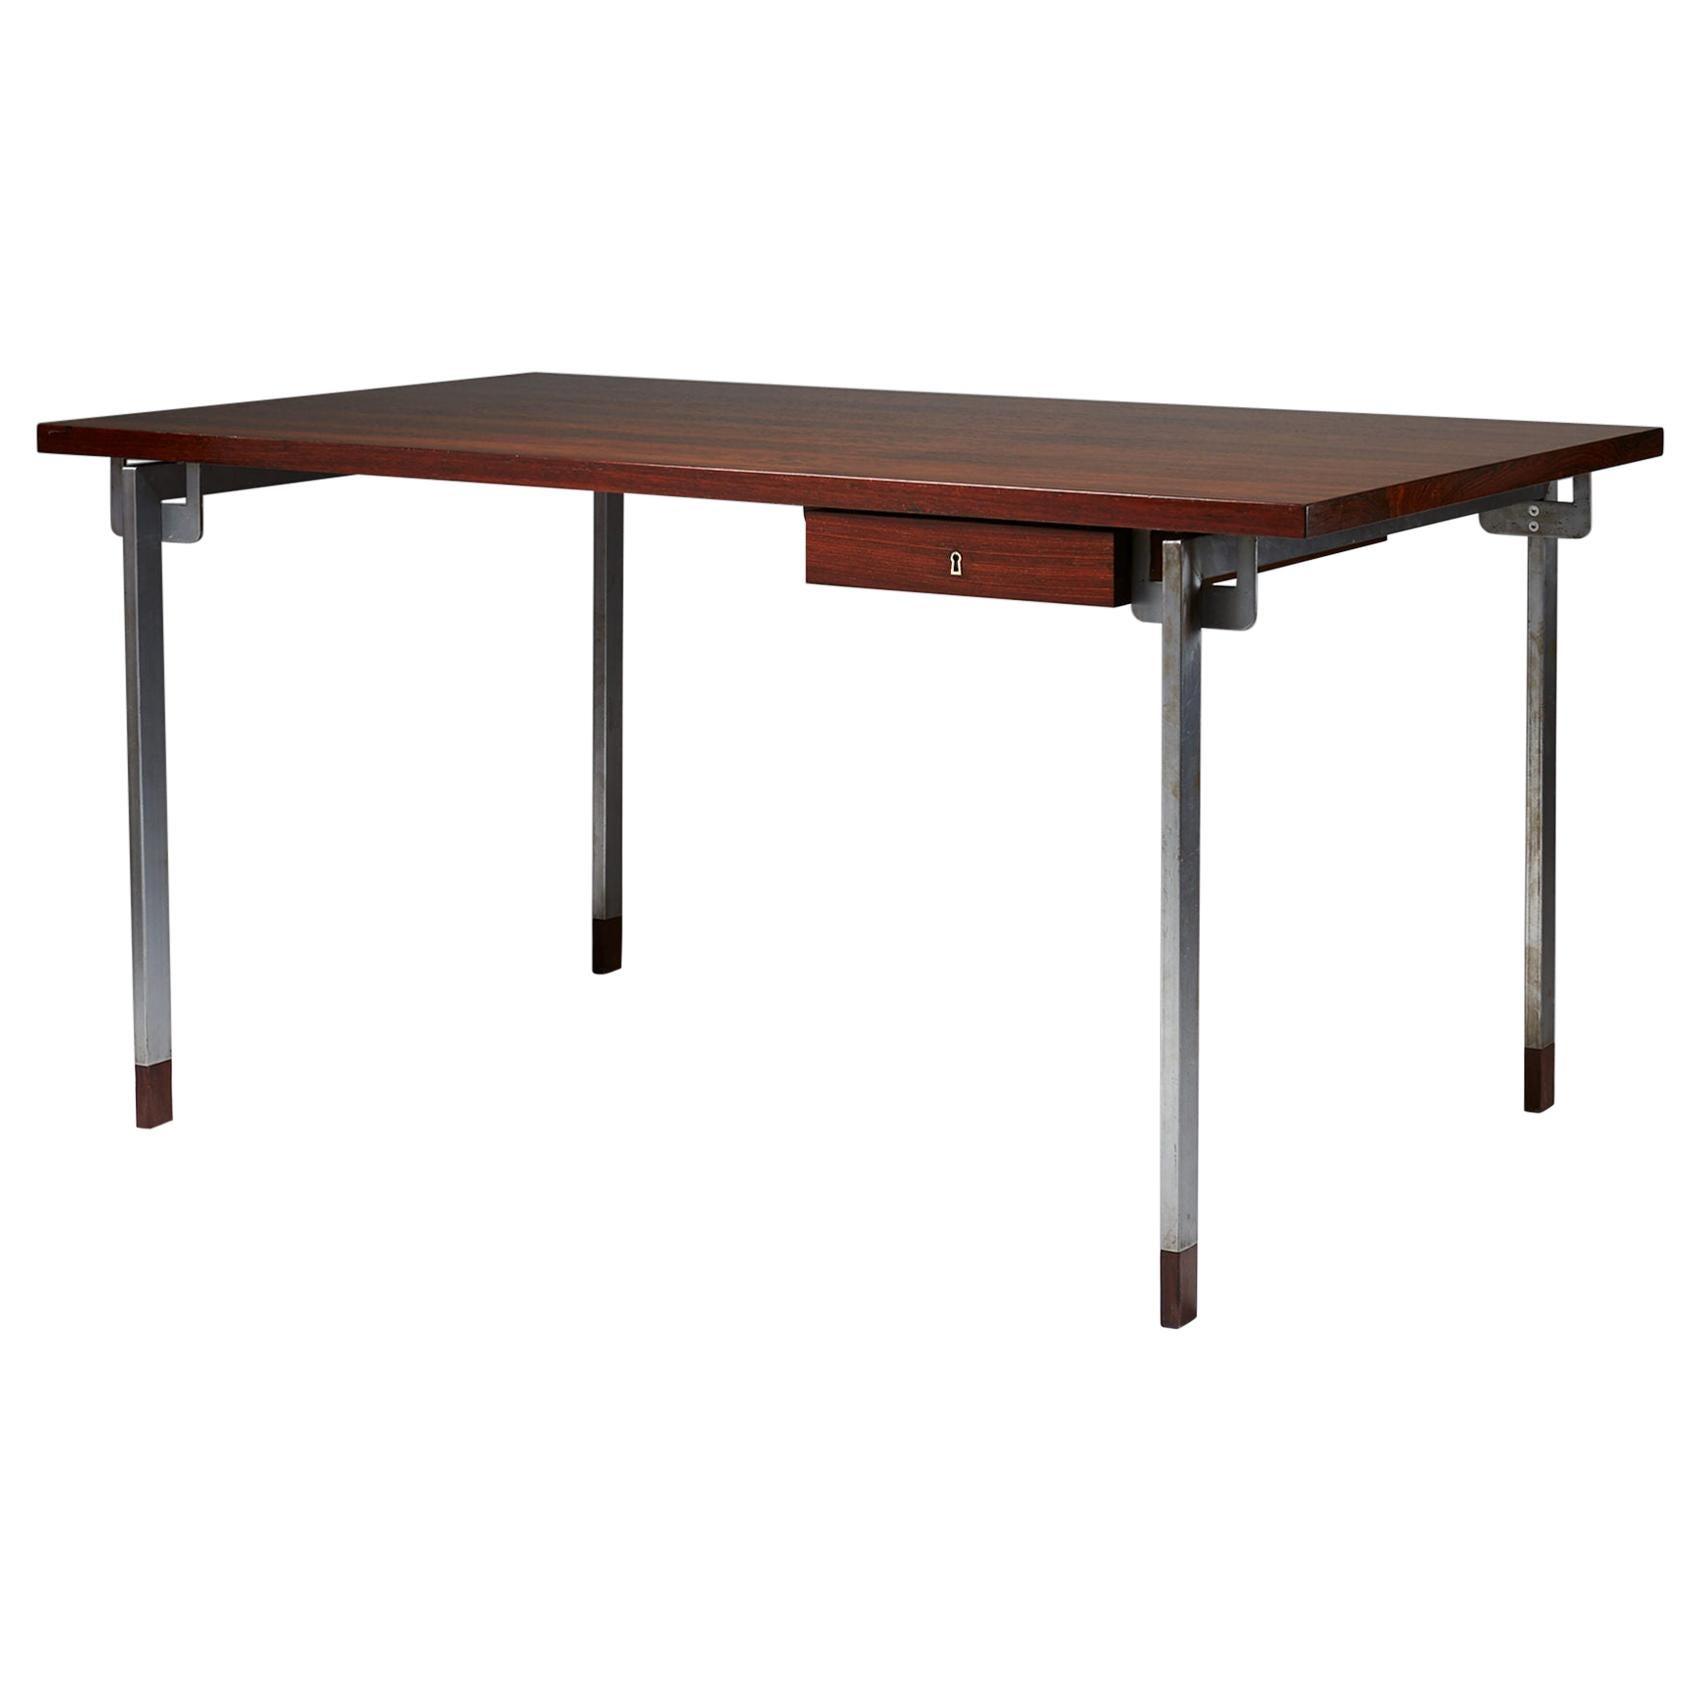 Desk Designed by Hans J. Wegner for Andreas Tuck, Denmark, 1967